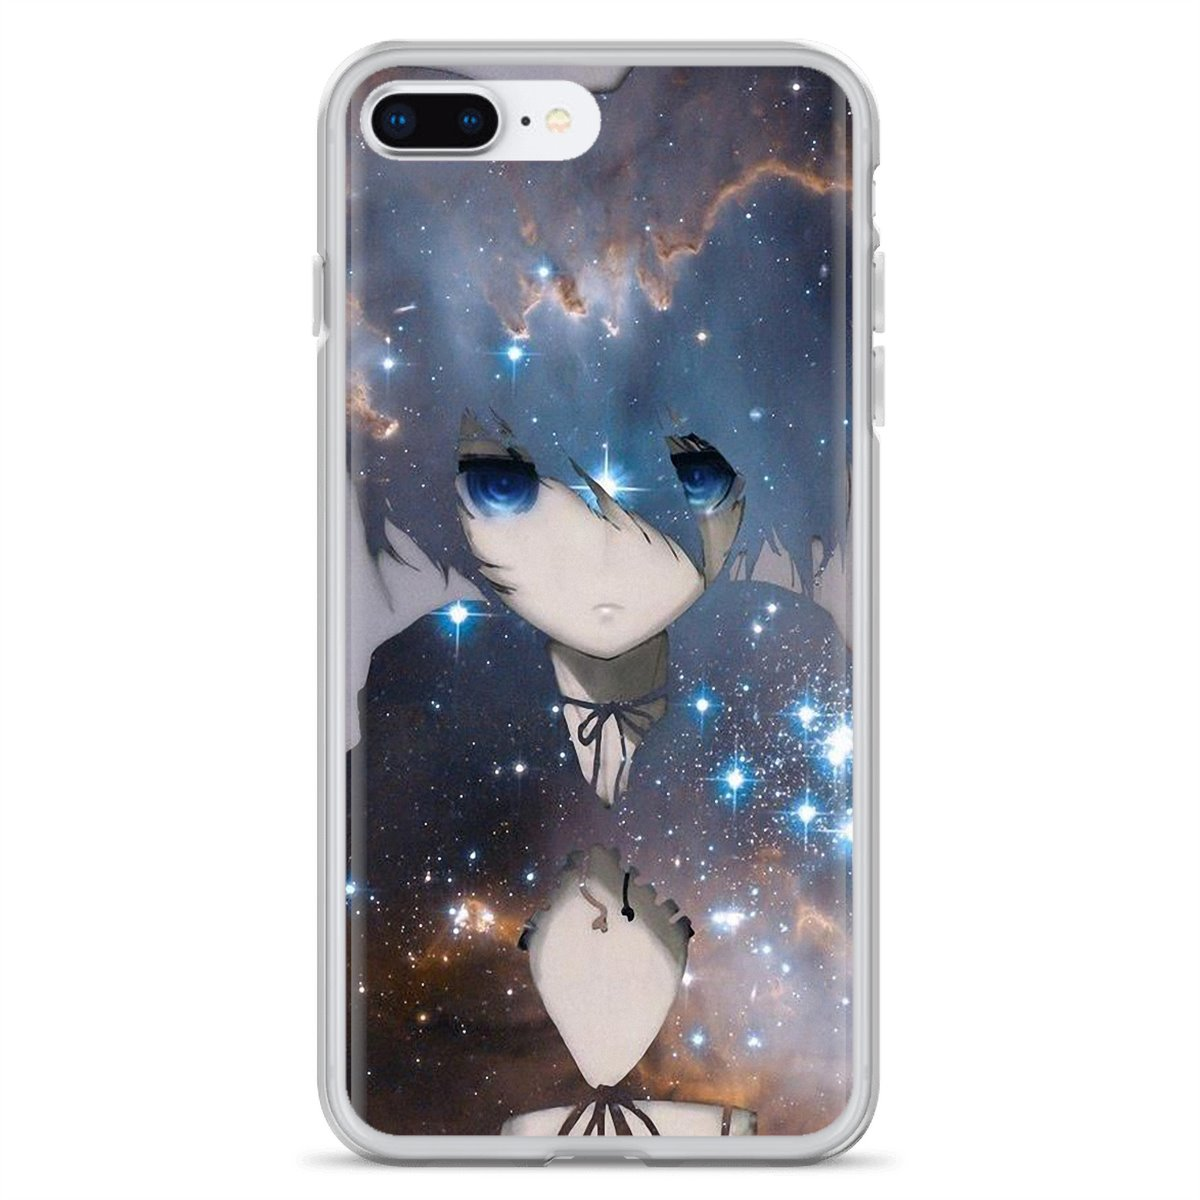 Black Rock Shooter Hatsune Miku Silicone Phone Bag Case For Motorola Moto G G2 G3 X4 E4 E5 G5 G5S G6 Z Z2 Z3 C Play Plus